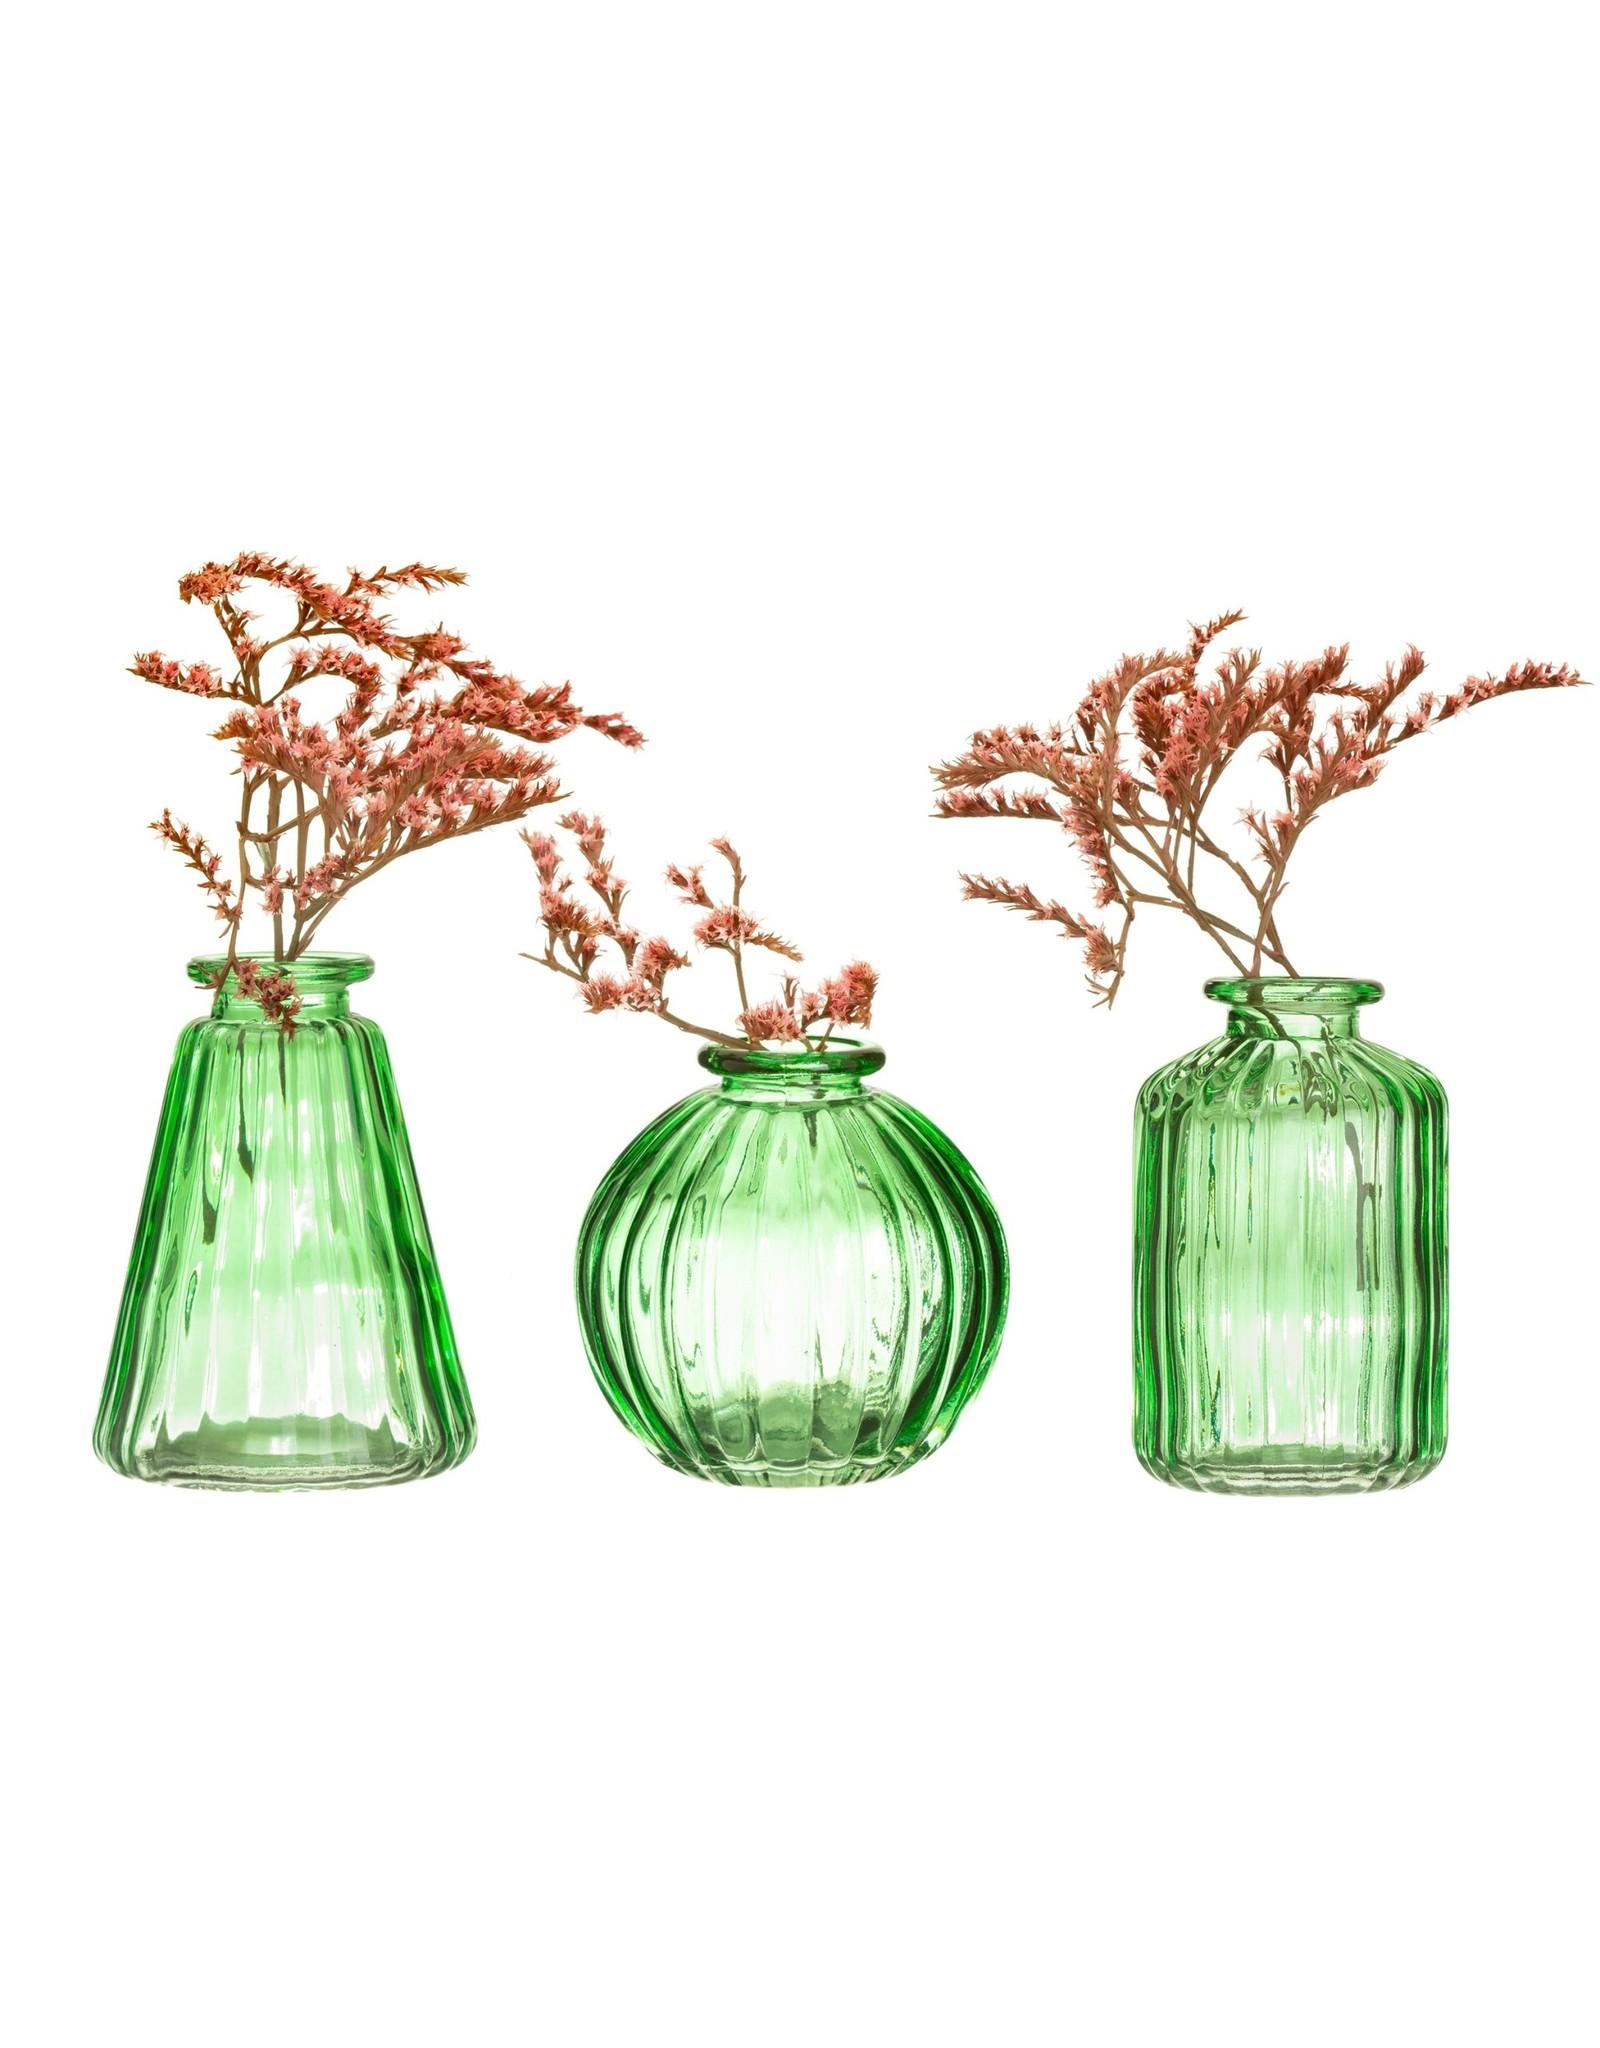 Vaasje glas groen recht